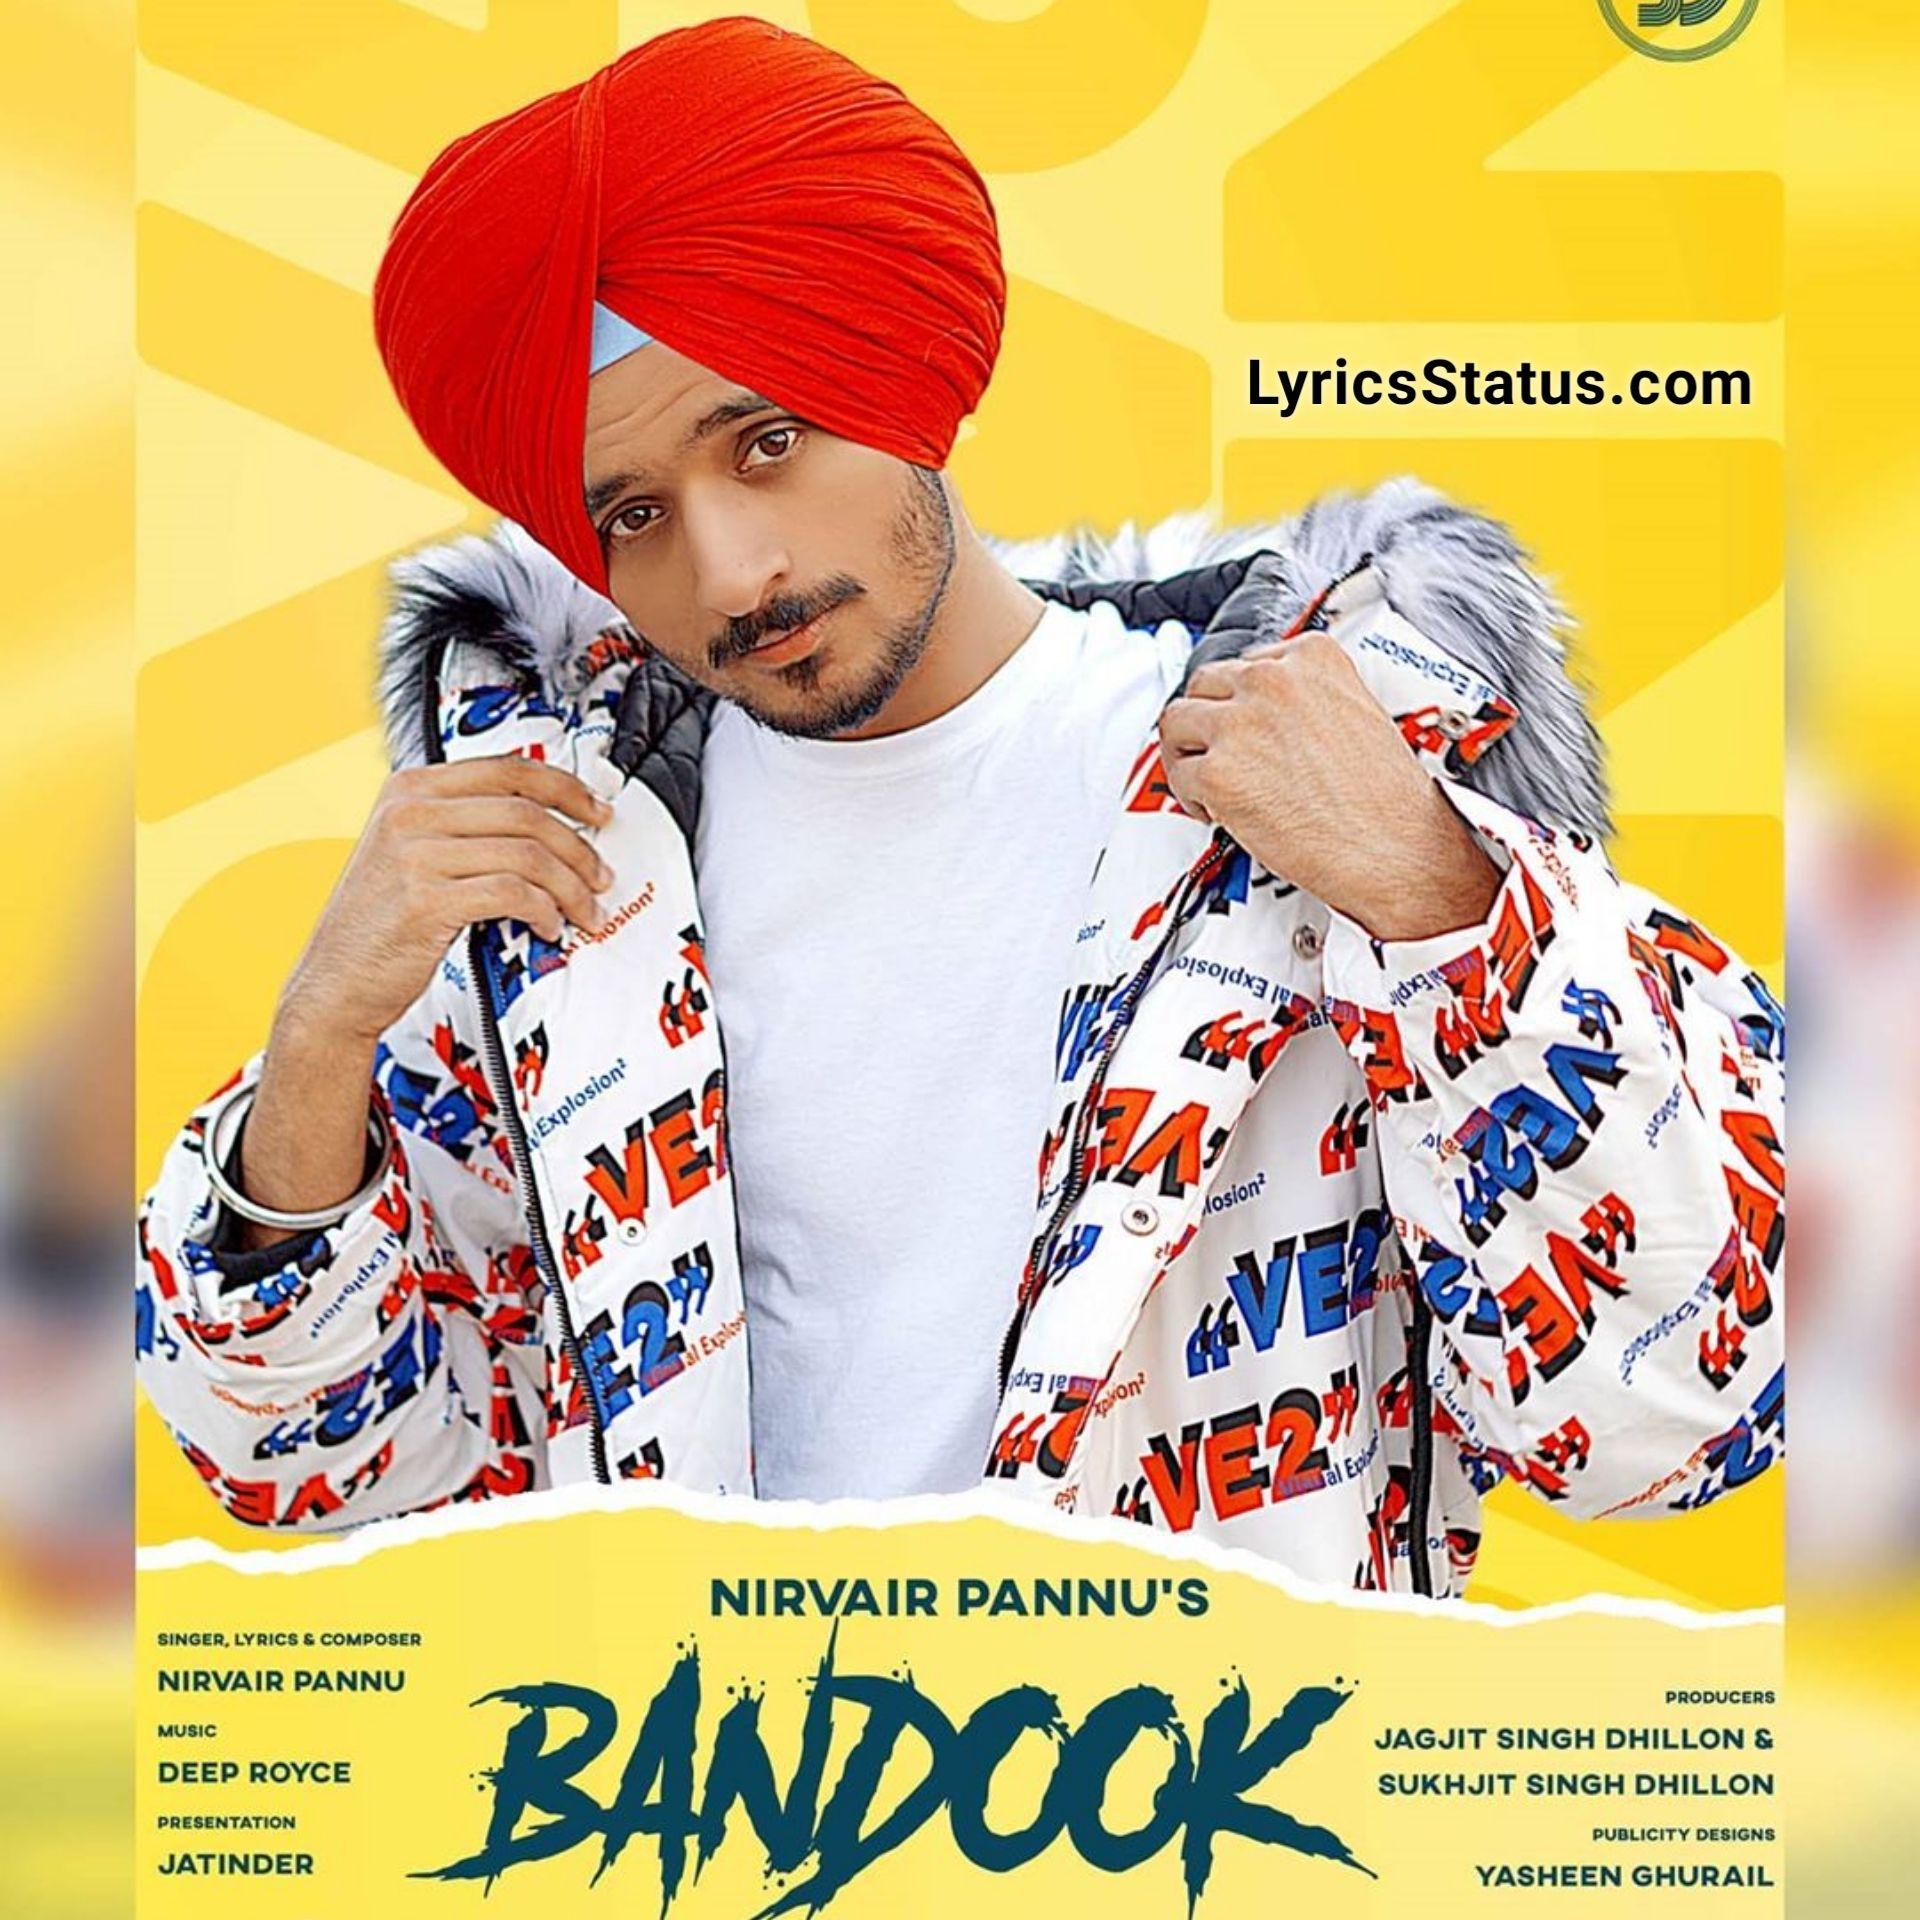 Bandook Nirvair Pannu Lyrics Status Download Punjabi Song In 2020 Songs Latest Song Lyrics Lyrics